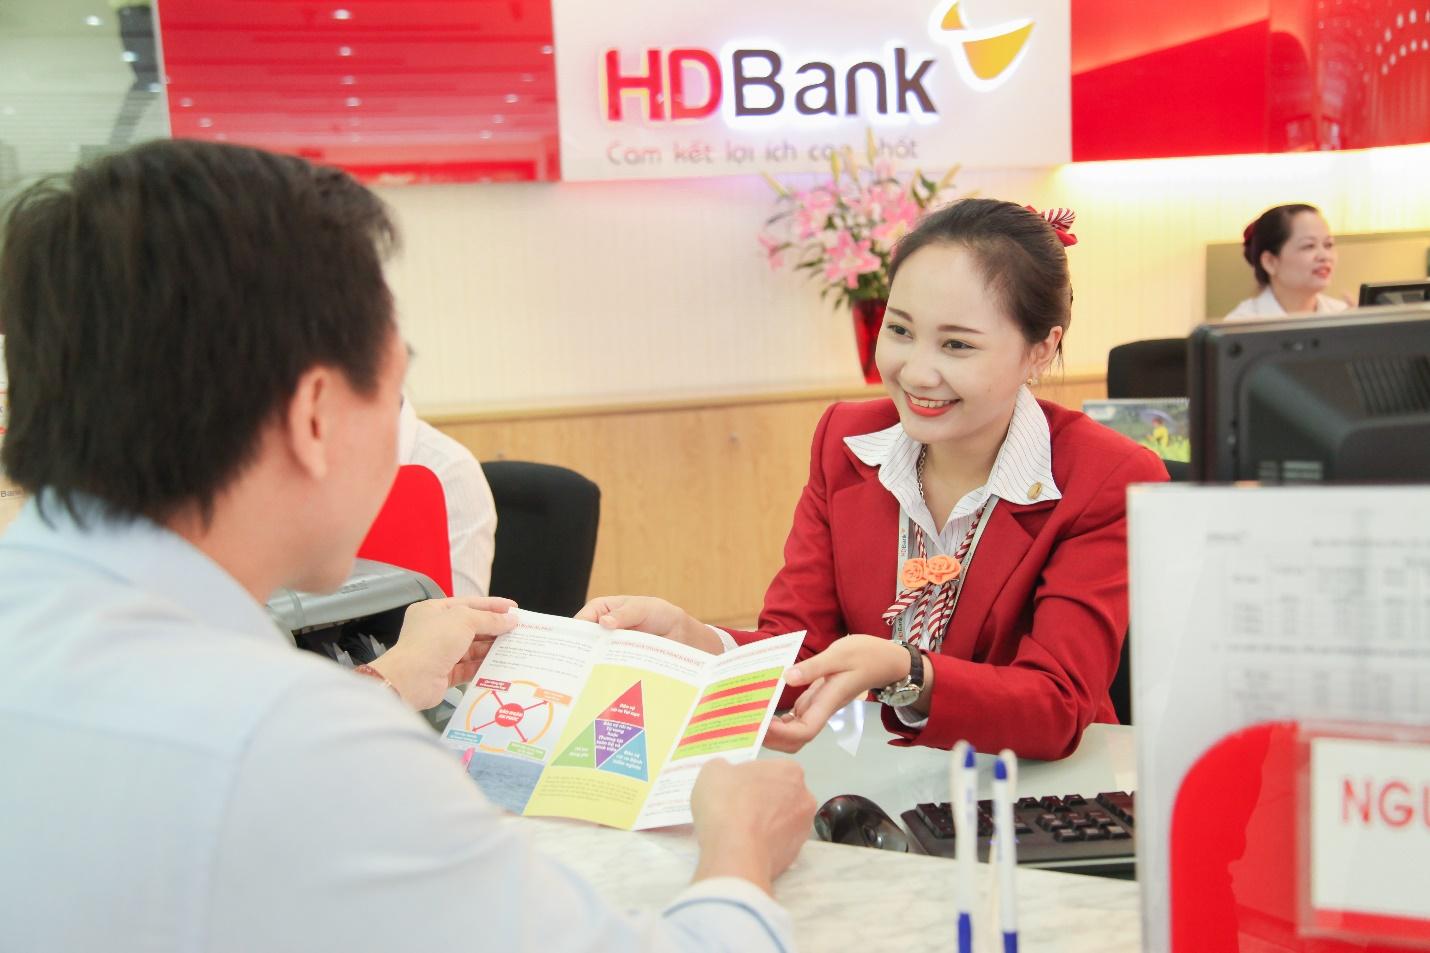 Thích shopping - Lướt Shopee cùng thẻ HDBank - Ảnh 1.